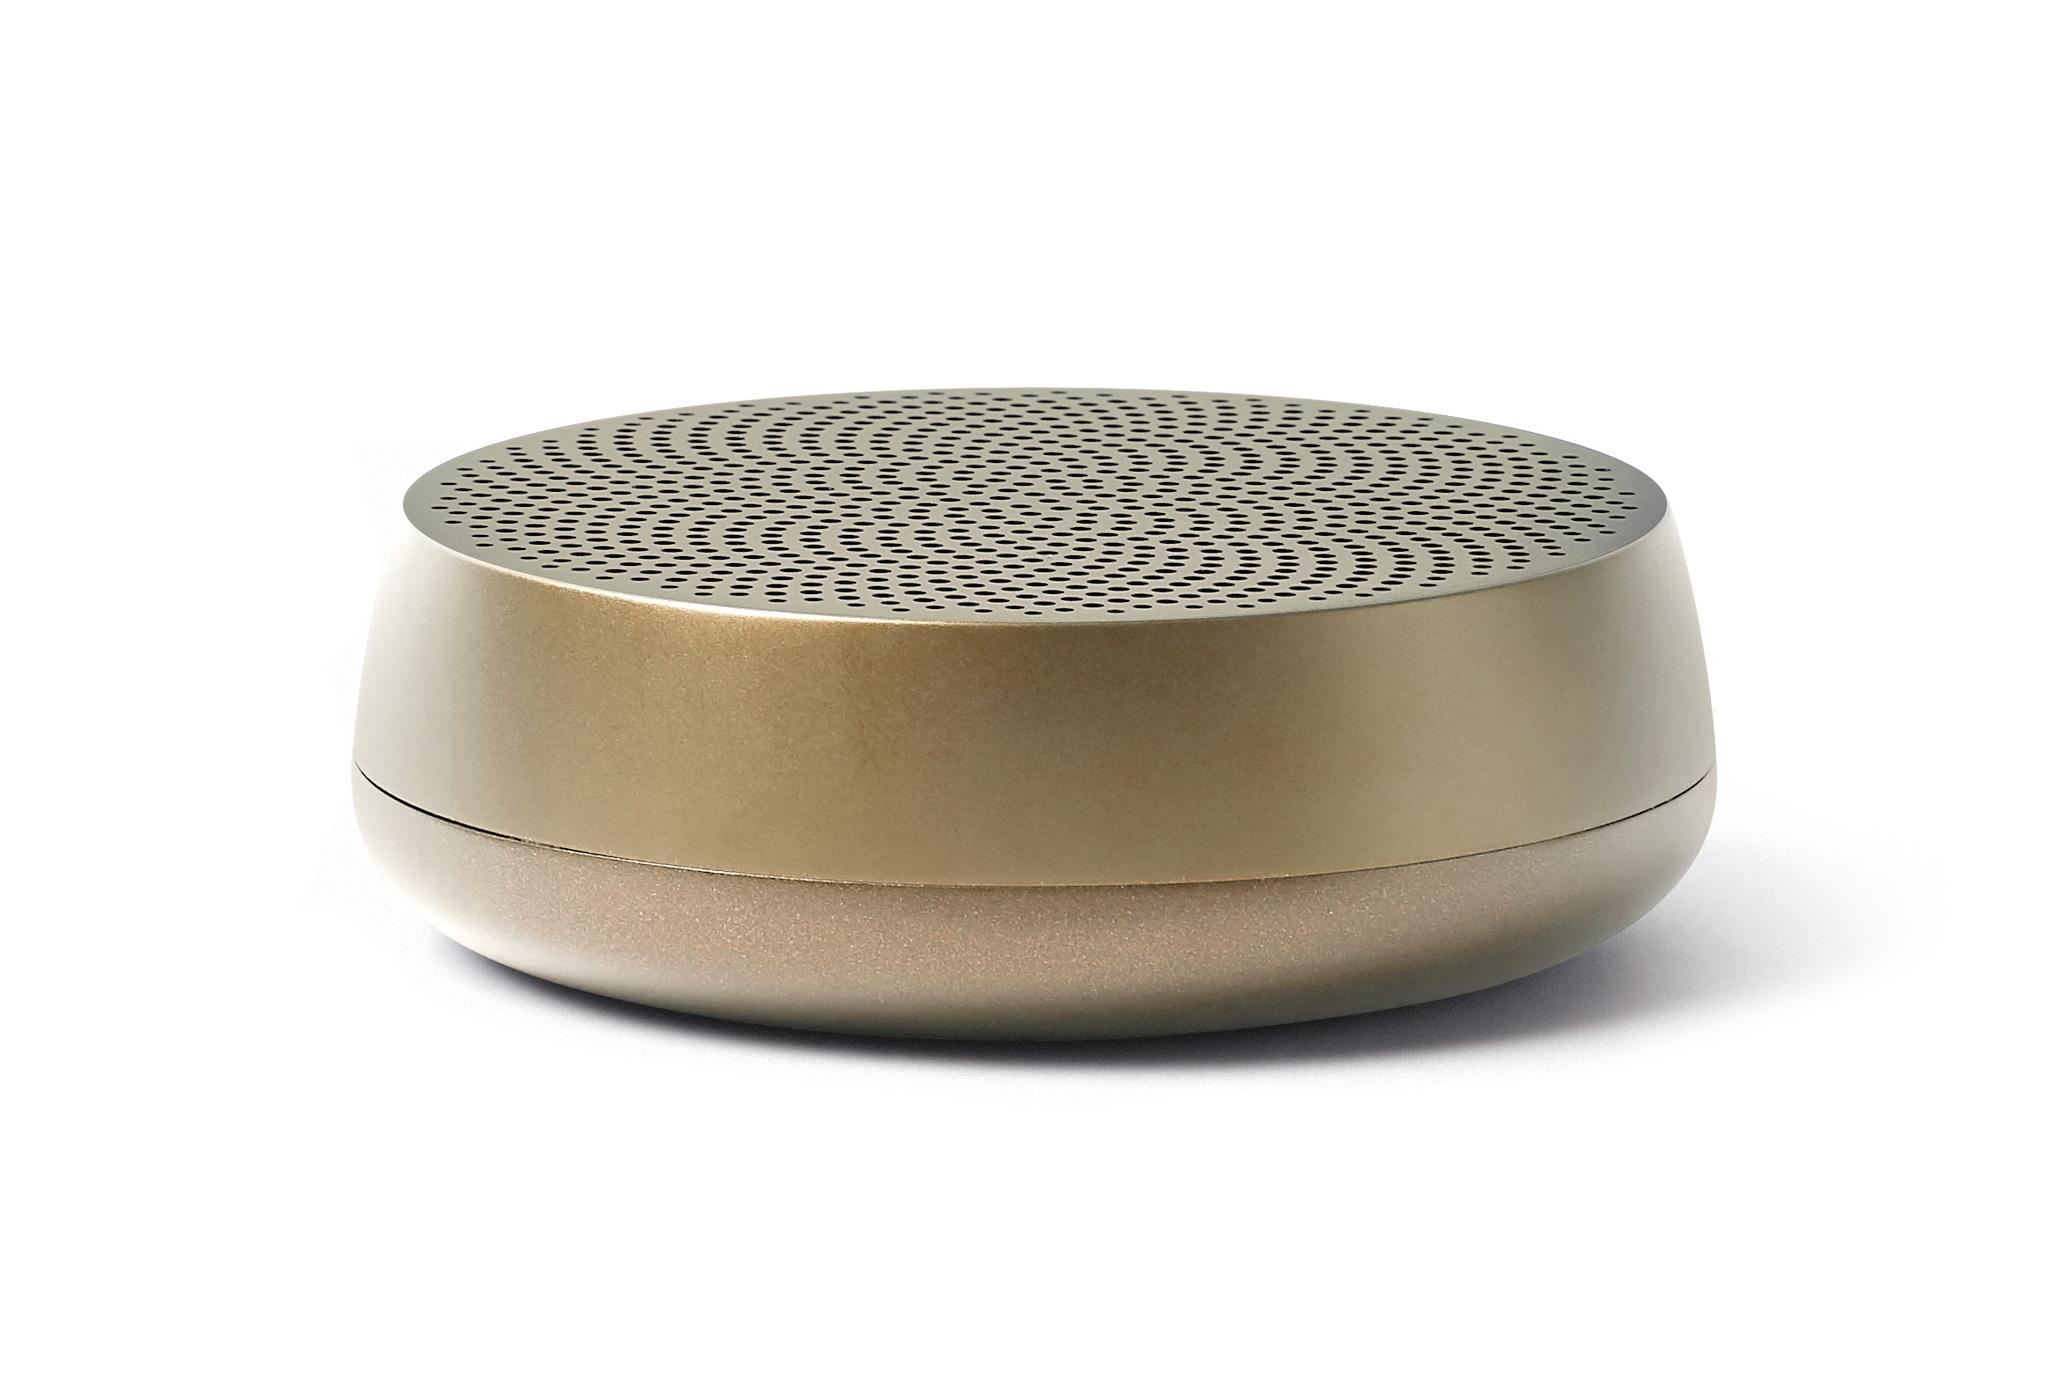 Mini-Bluetooth-Lautsprecher 5W, weiches Gold / Alu